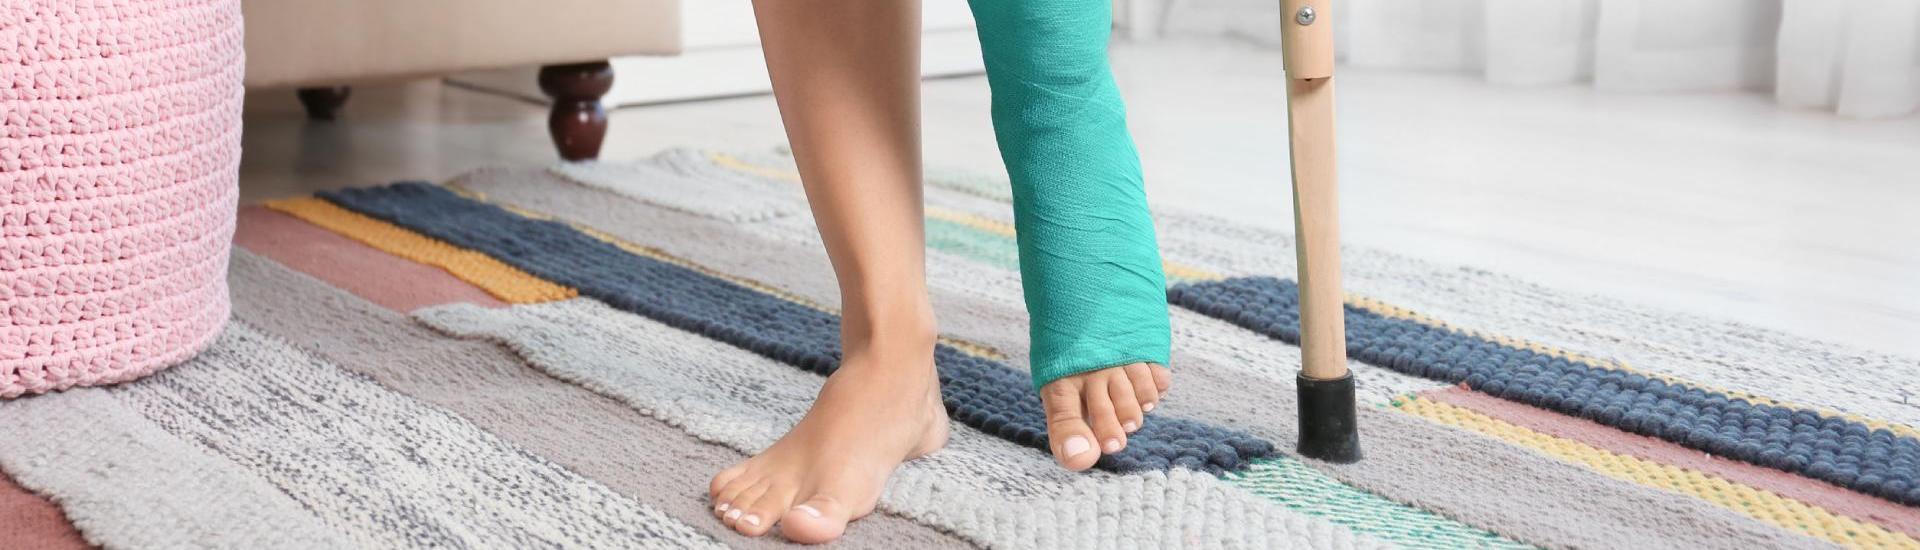 jambe dans le platre